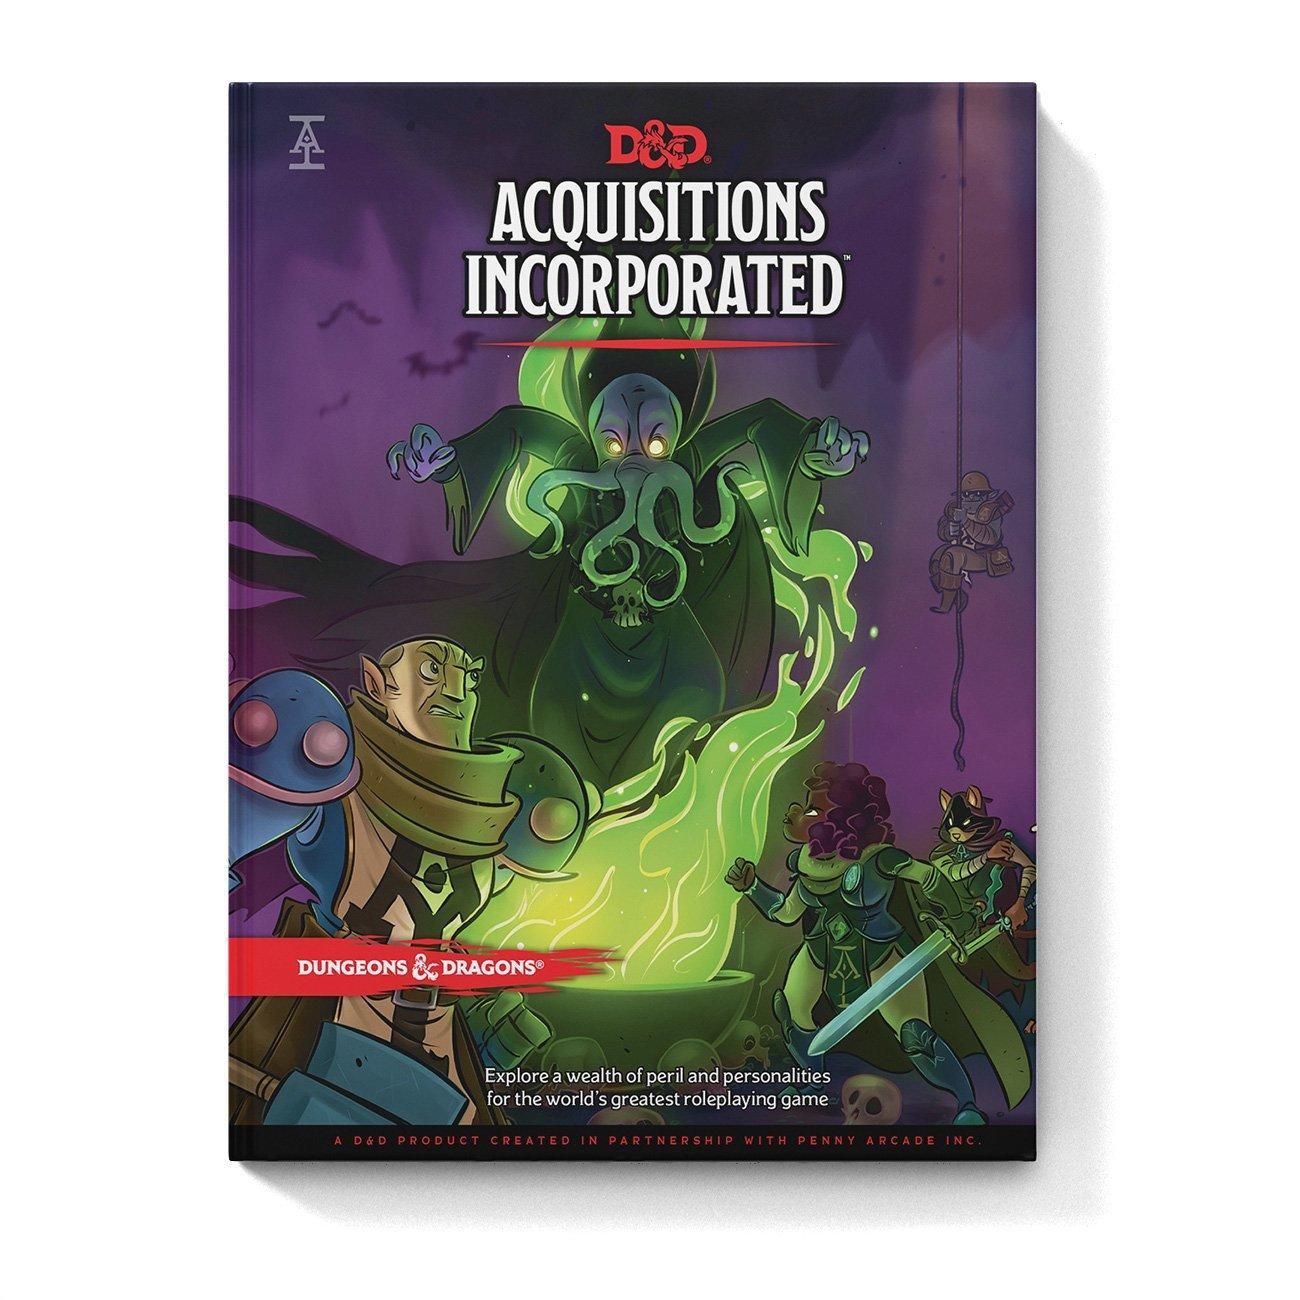 D&D: Acquisitions Inc. cover